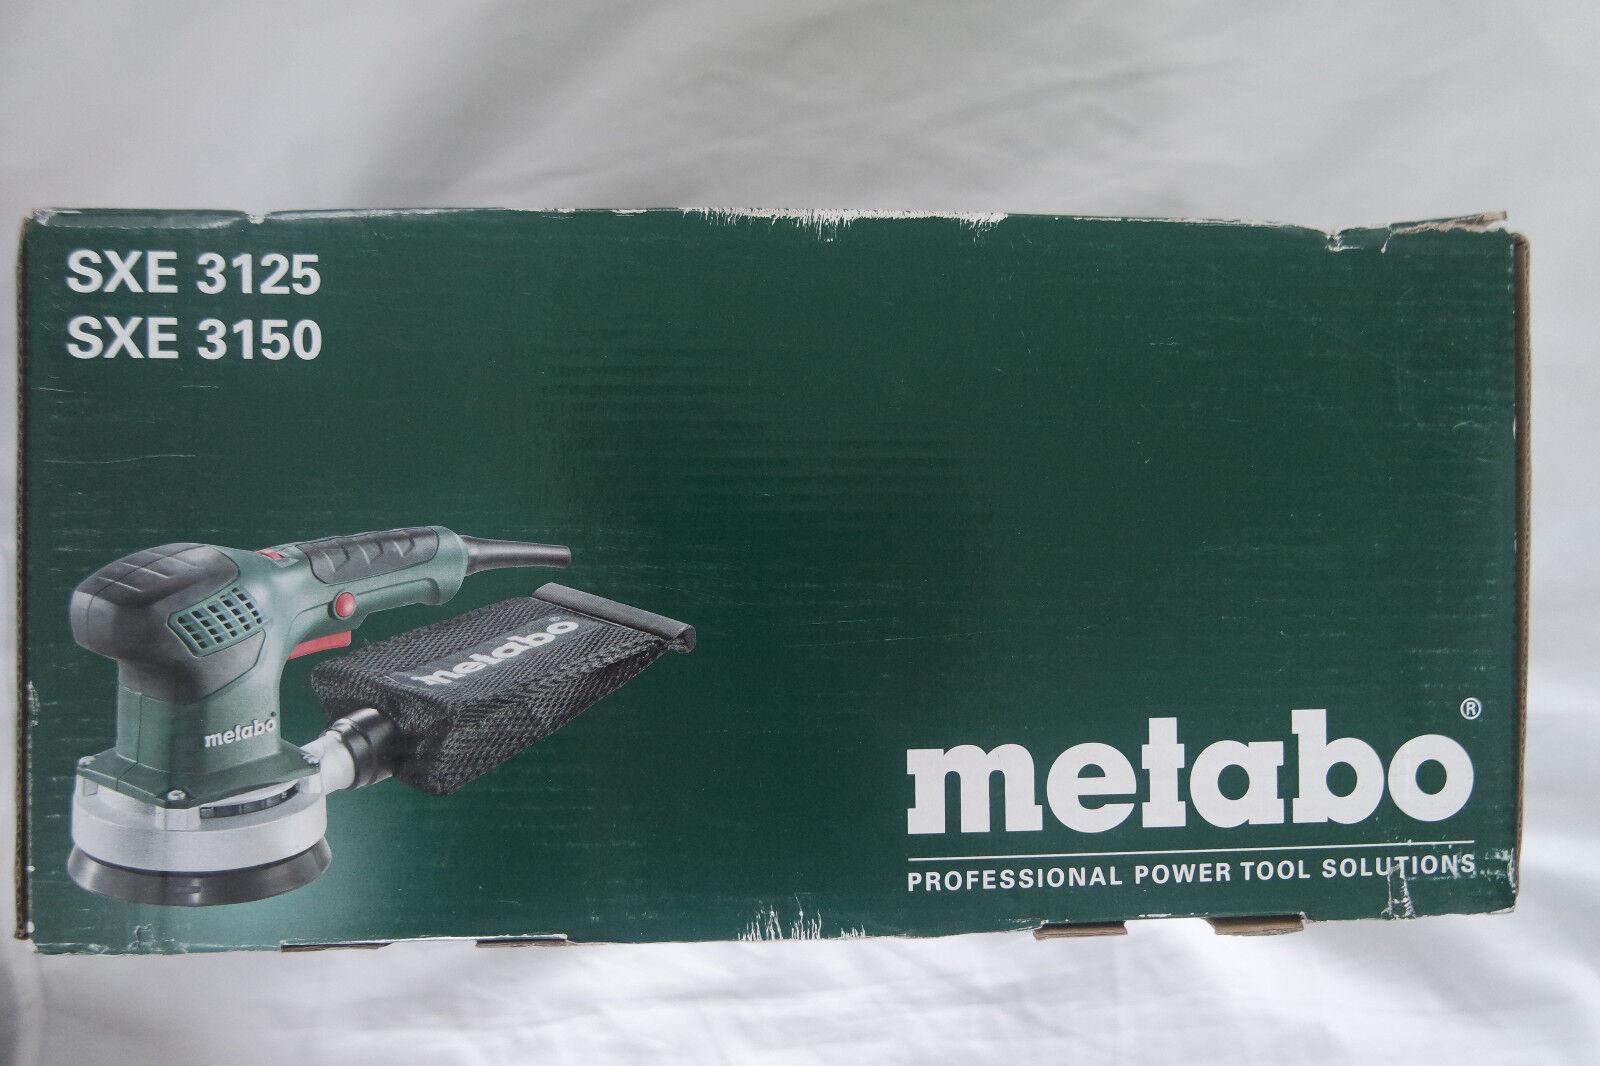 Metabo SXE 3150 Exzenterschleifer inkl. Textil-Staubbeutel 600444000